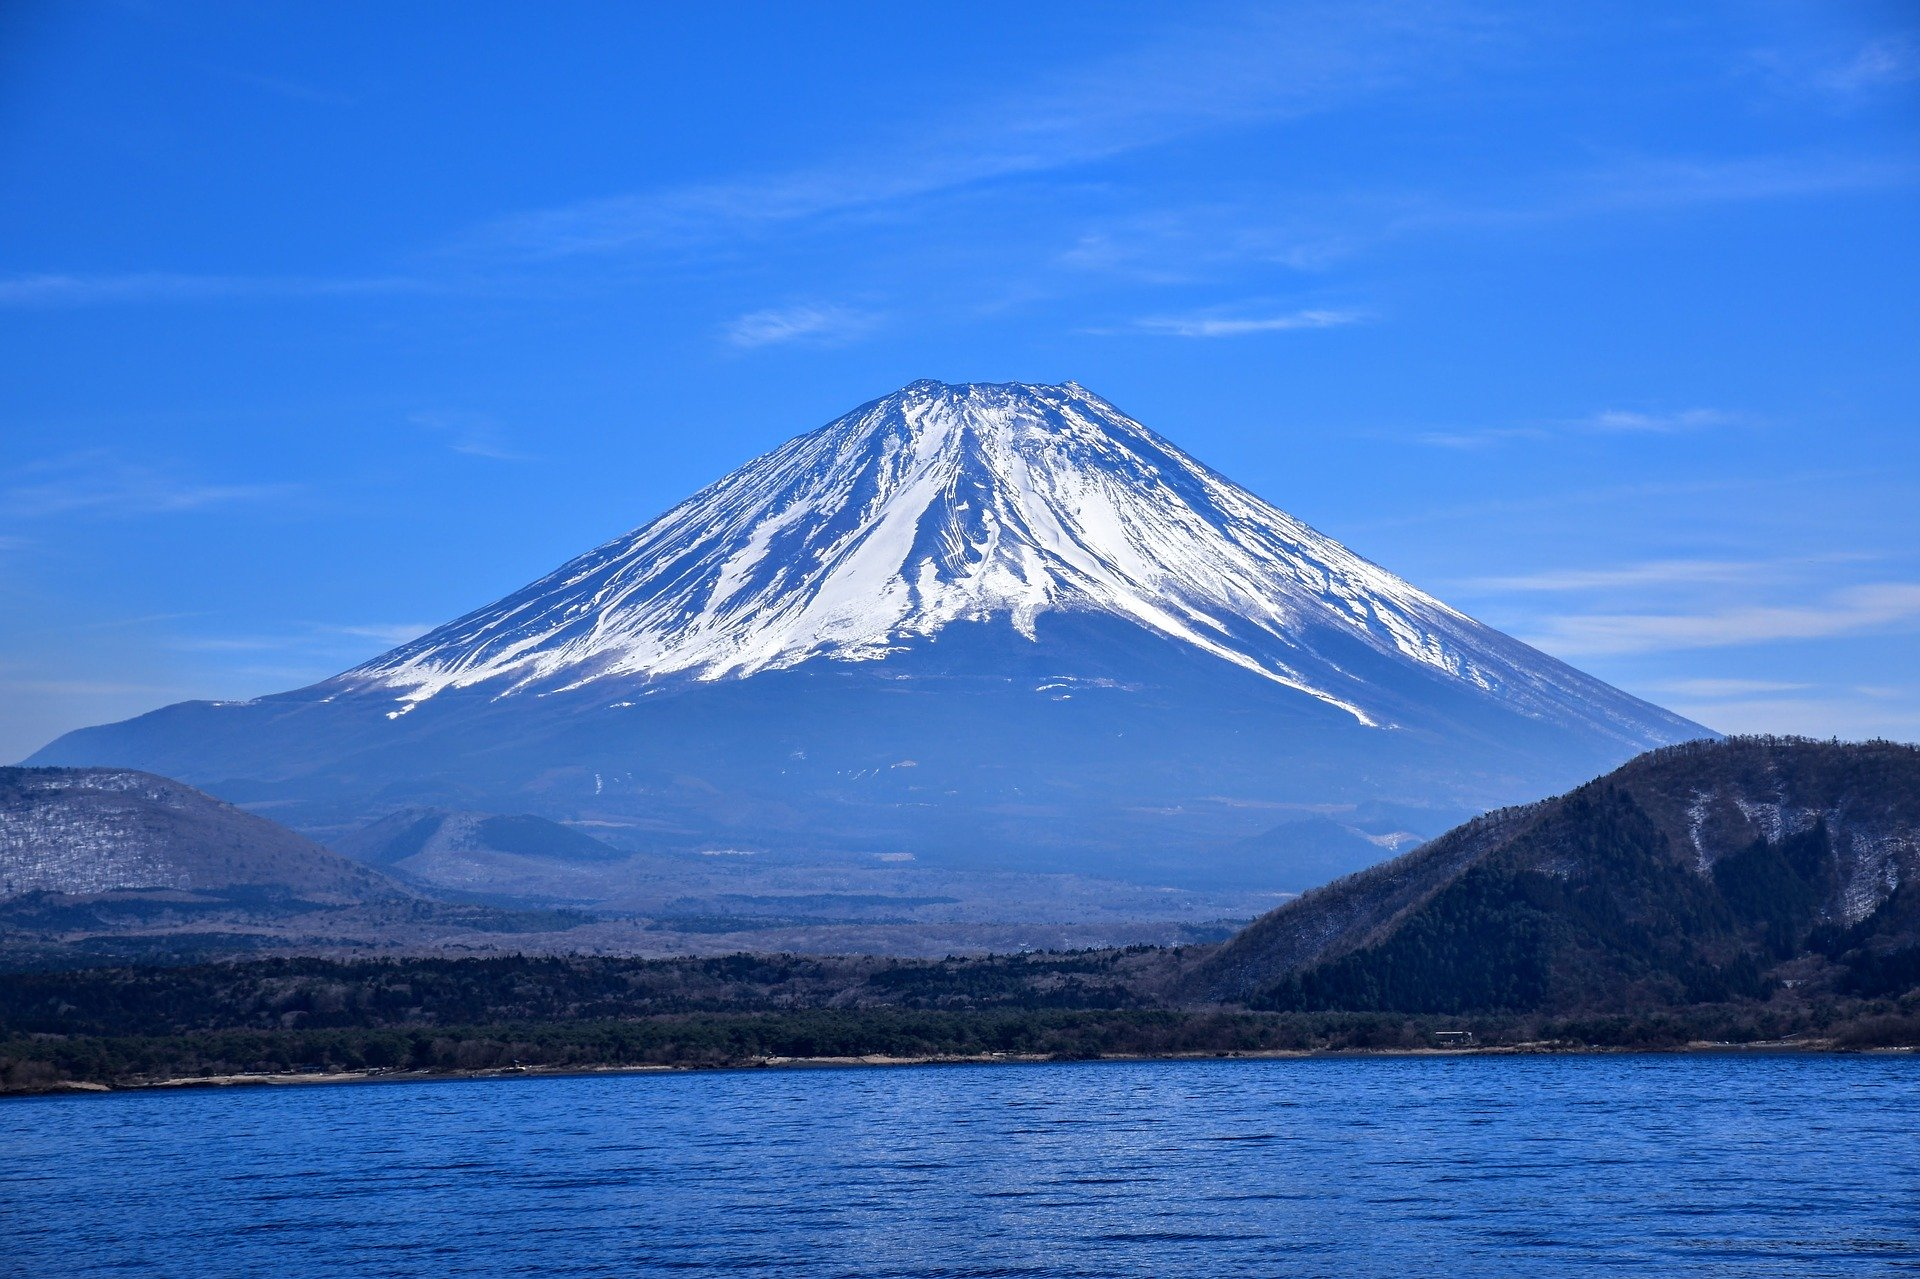 【石川県/珠洲岬(気流融合地帯)】日本三大パワースポットで金運アップ